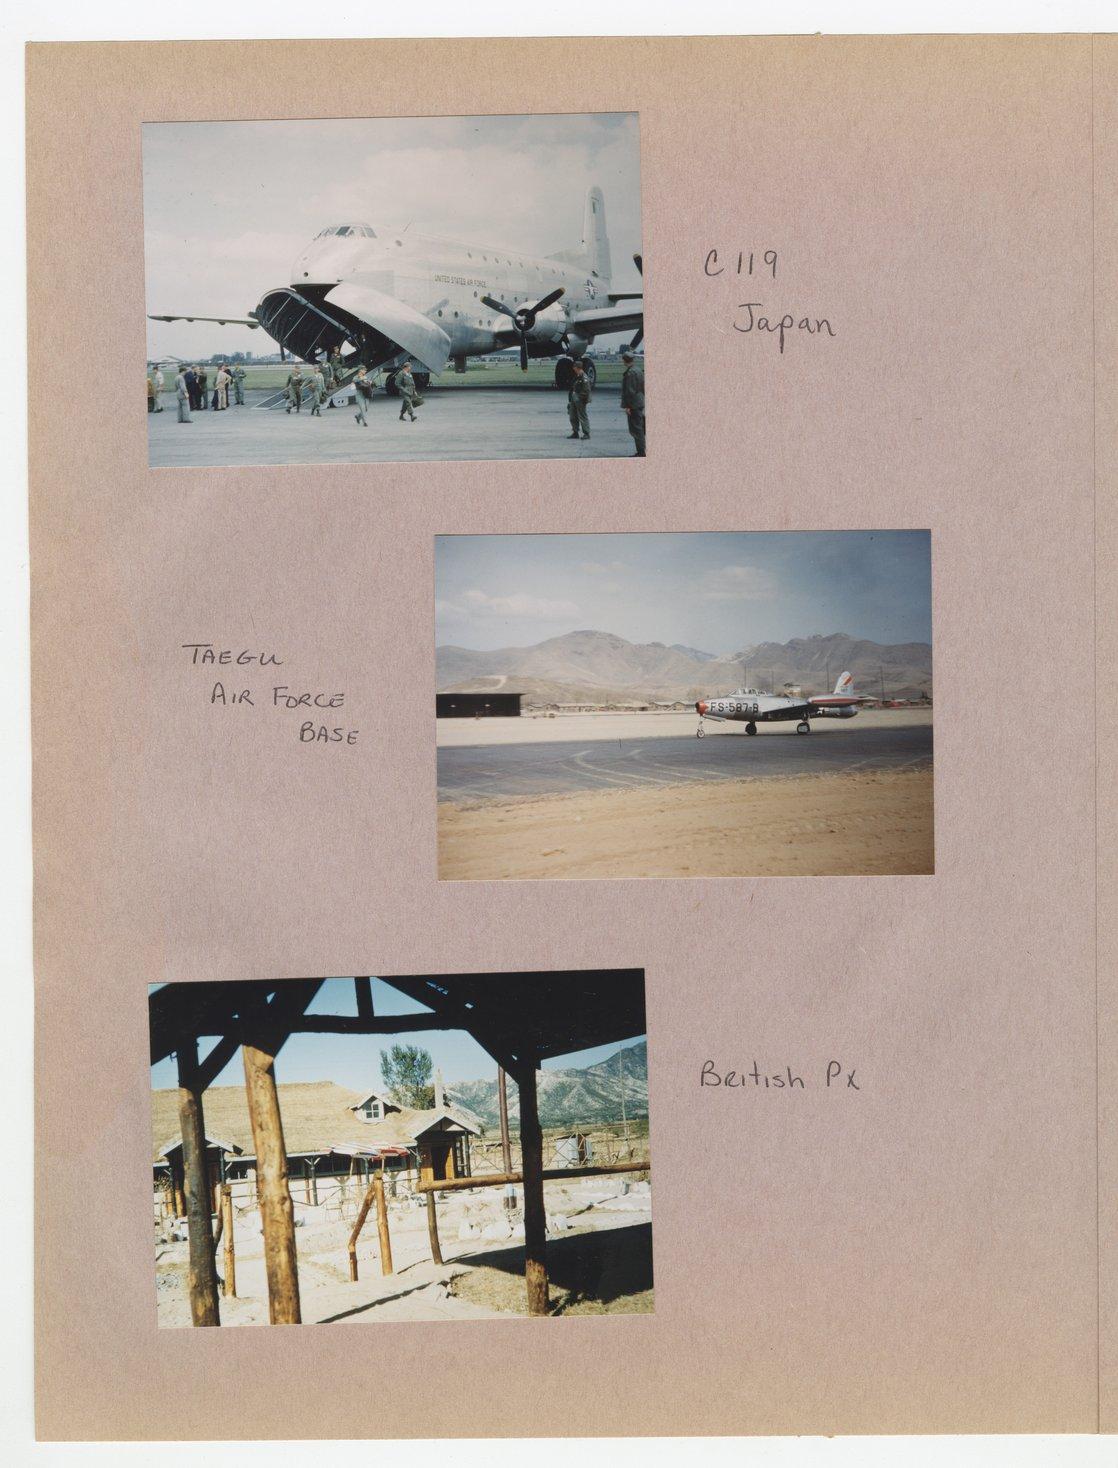 William Thomas West's Korean War photograph album - 8